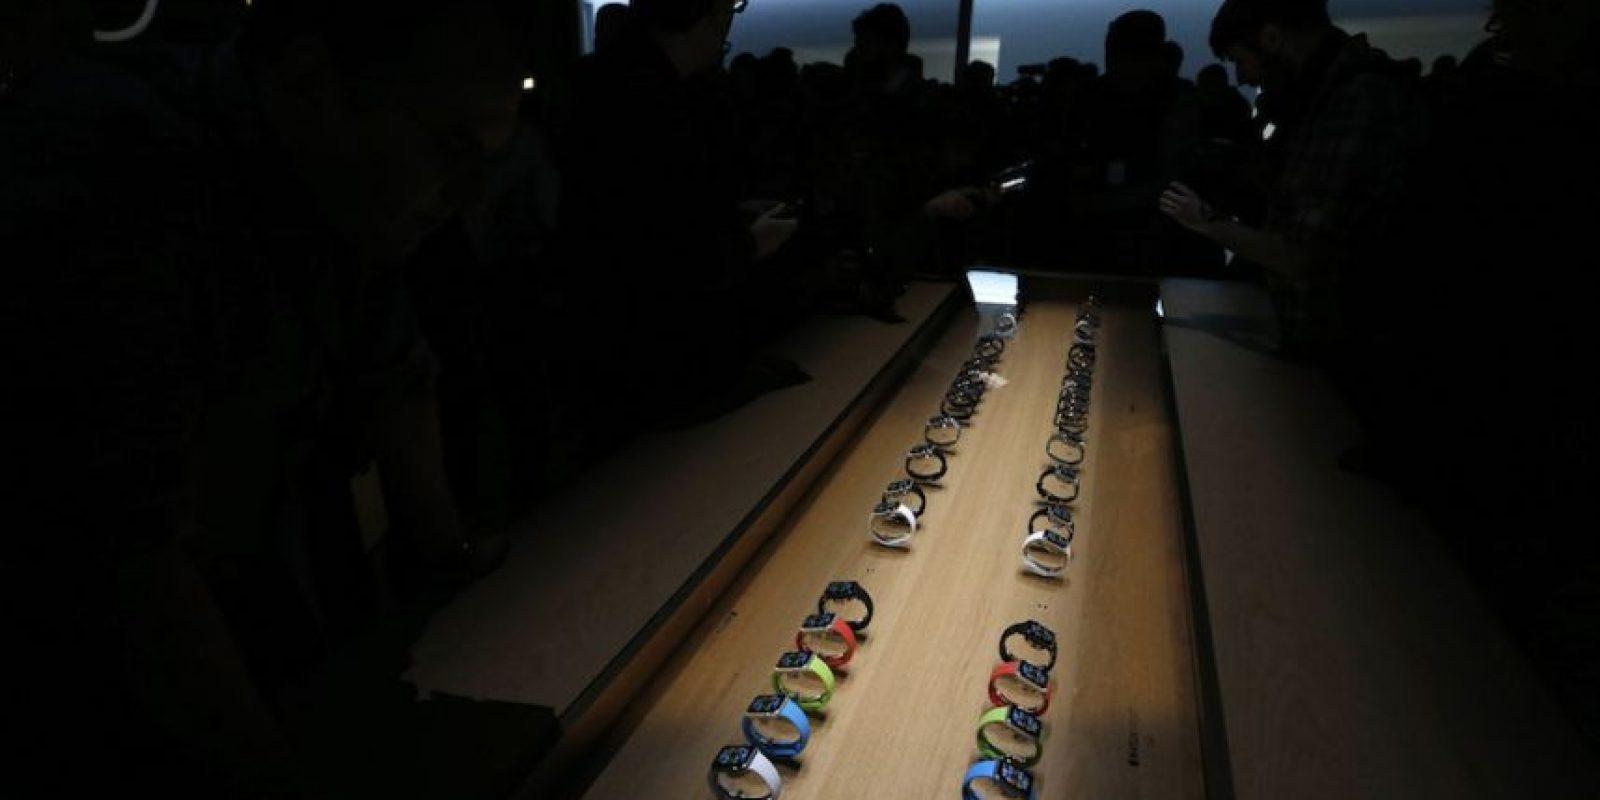 Apple desea ofrecer una nueva forma de crear fidelidad entre los clientes y ayudarles a que experimenten el producto. Foto:Getty Images